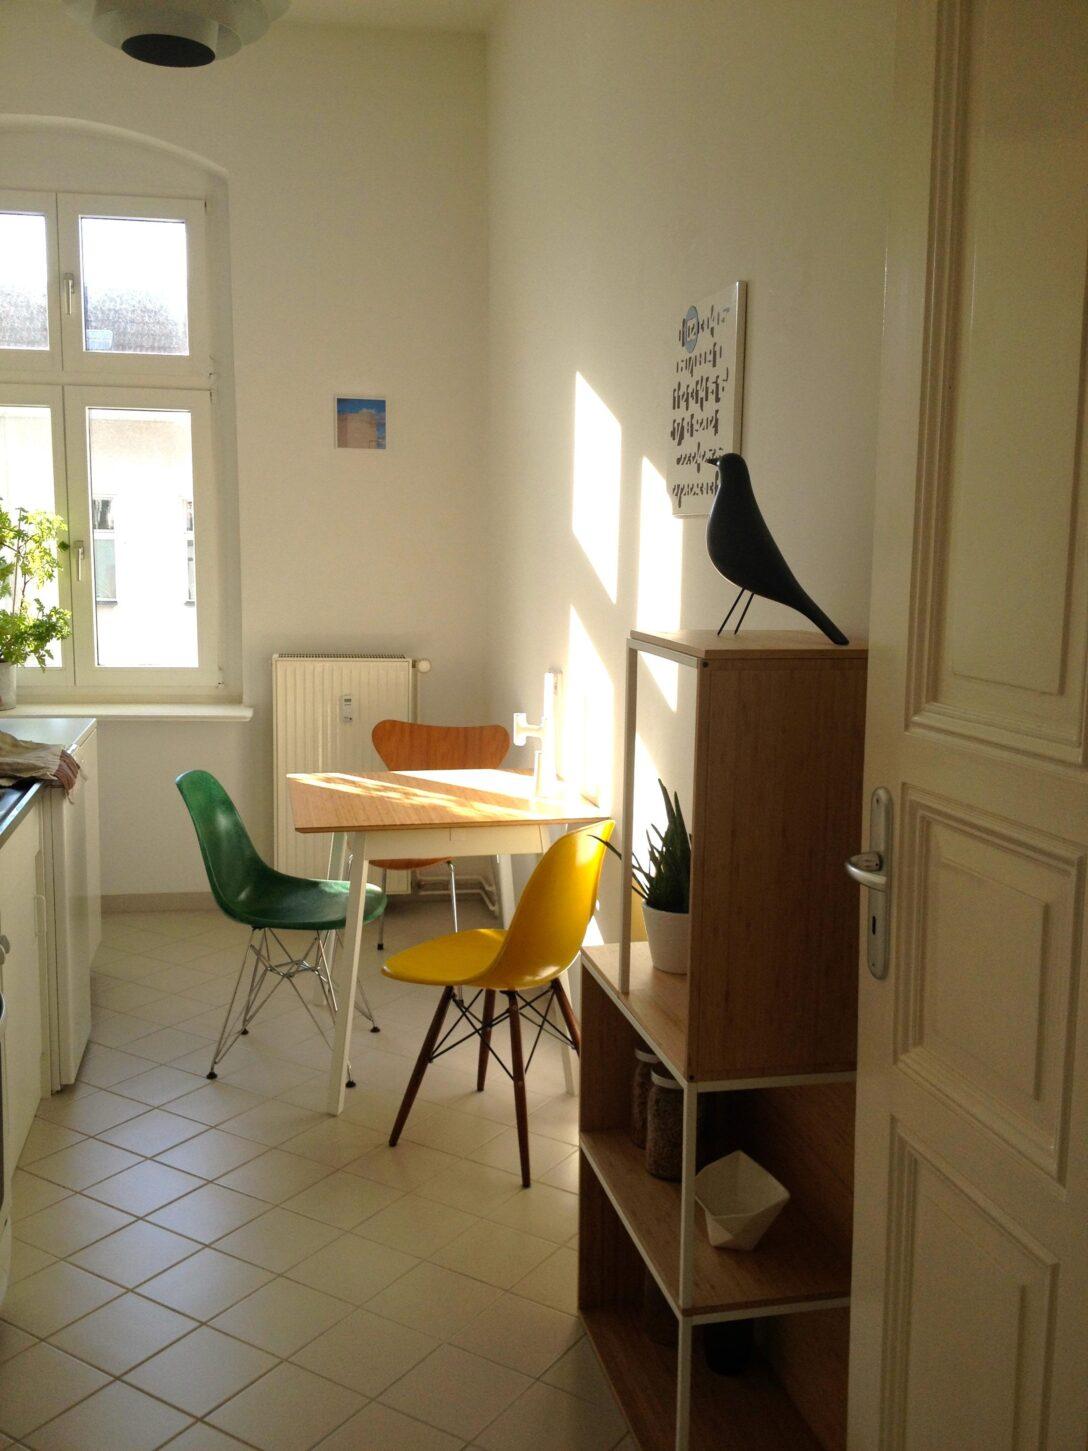 Large Size of Miniküche Ideen Wohnzimmer Tapeten Bad Renovieren Stengel Ikea Mit Kühlschrank Wohnzimmer Miniküche Ideen